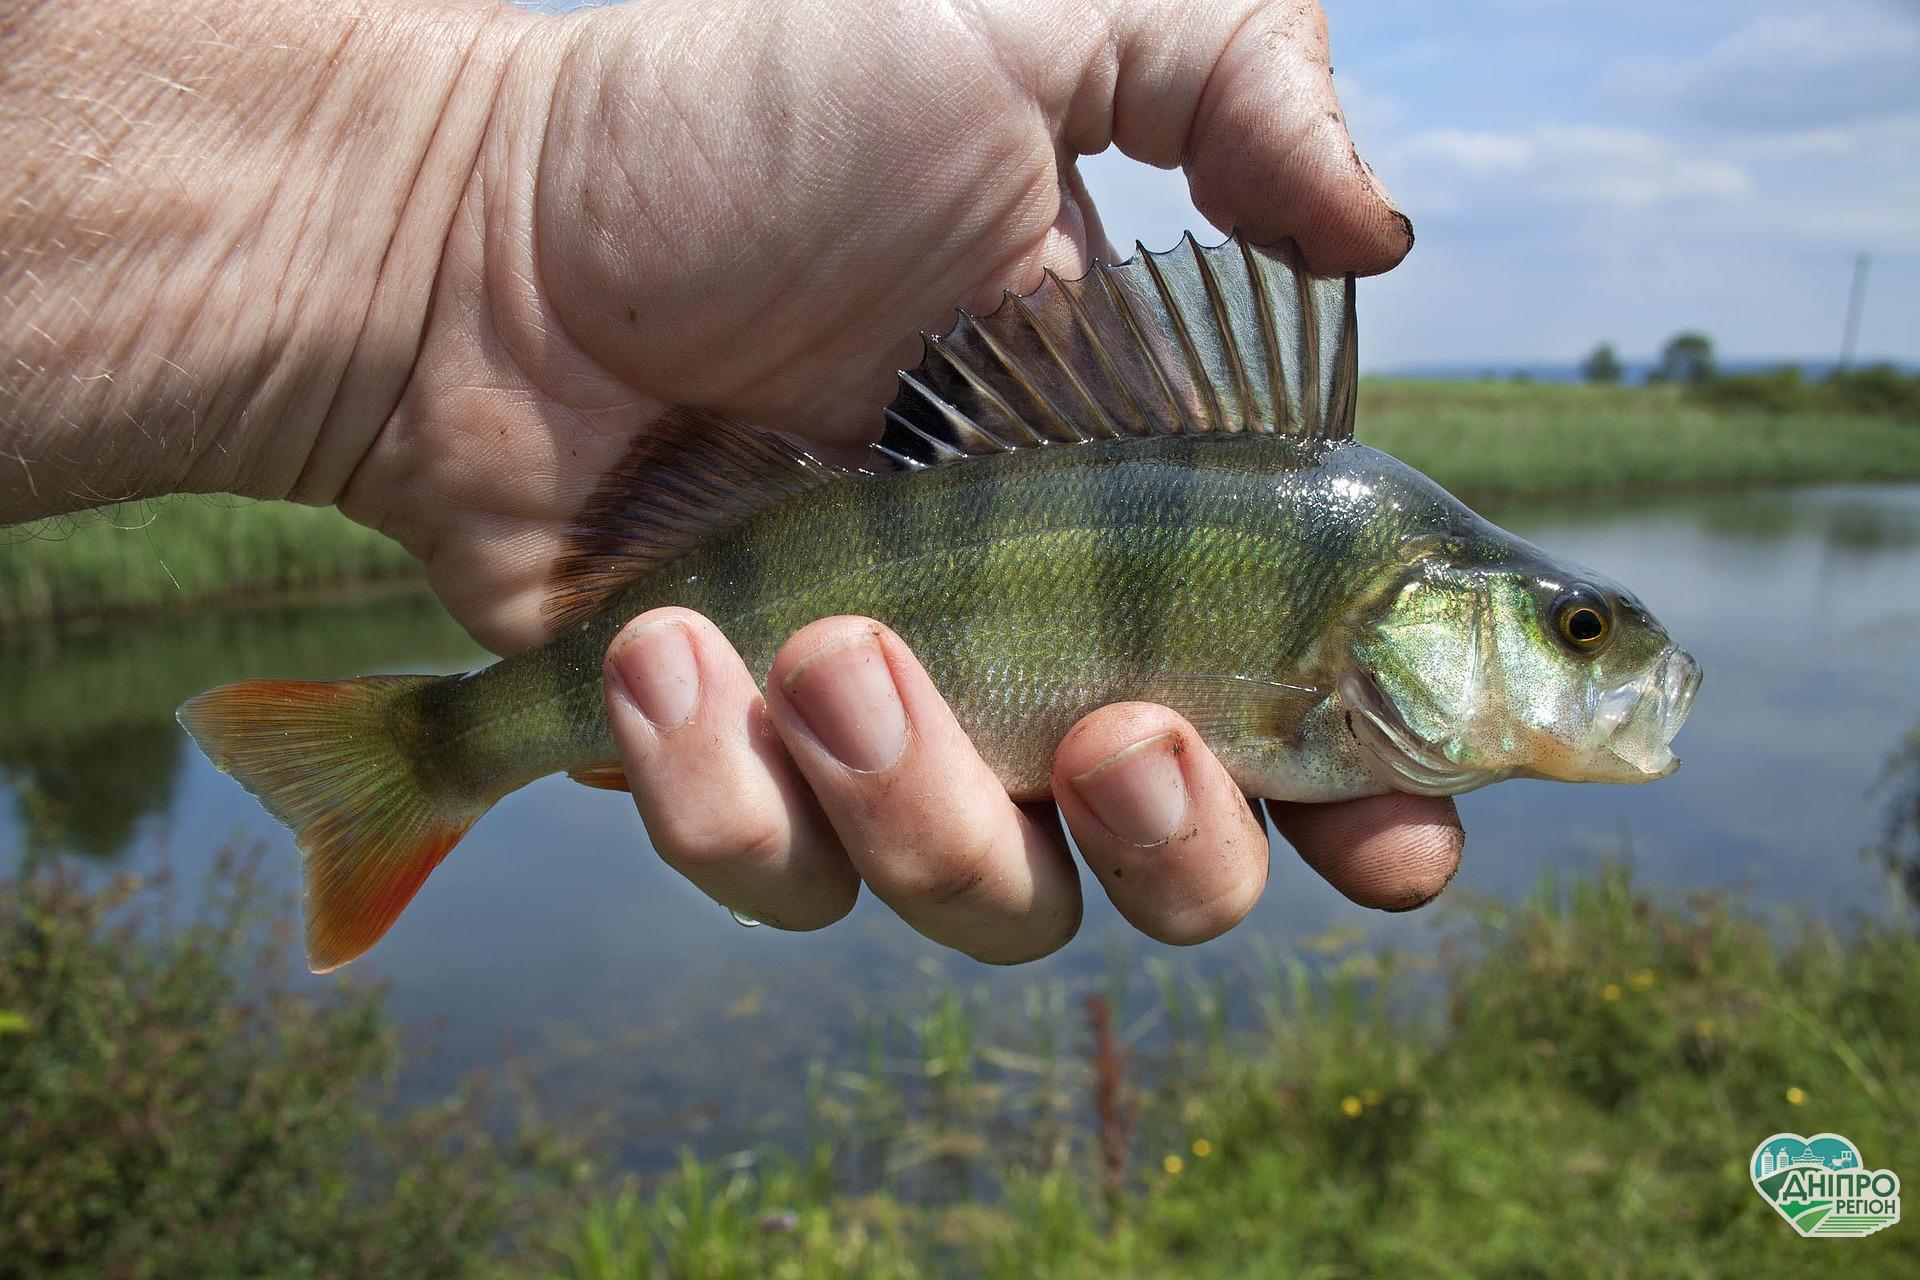 Нерест 2020: в кінці березня в Дніпропетровській області введуть заборону на риболовлю